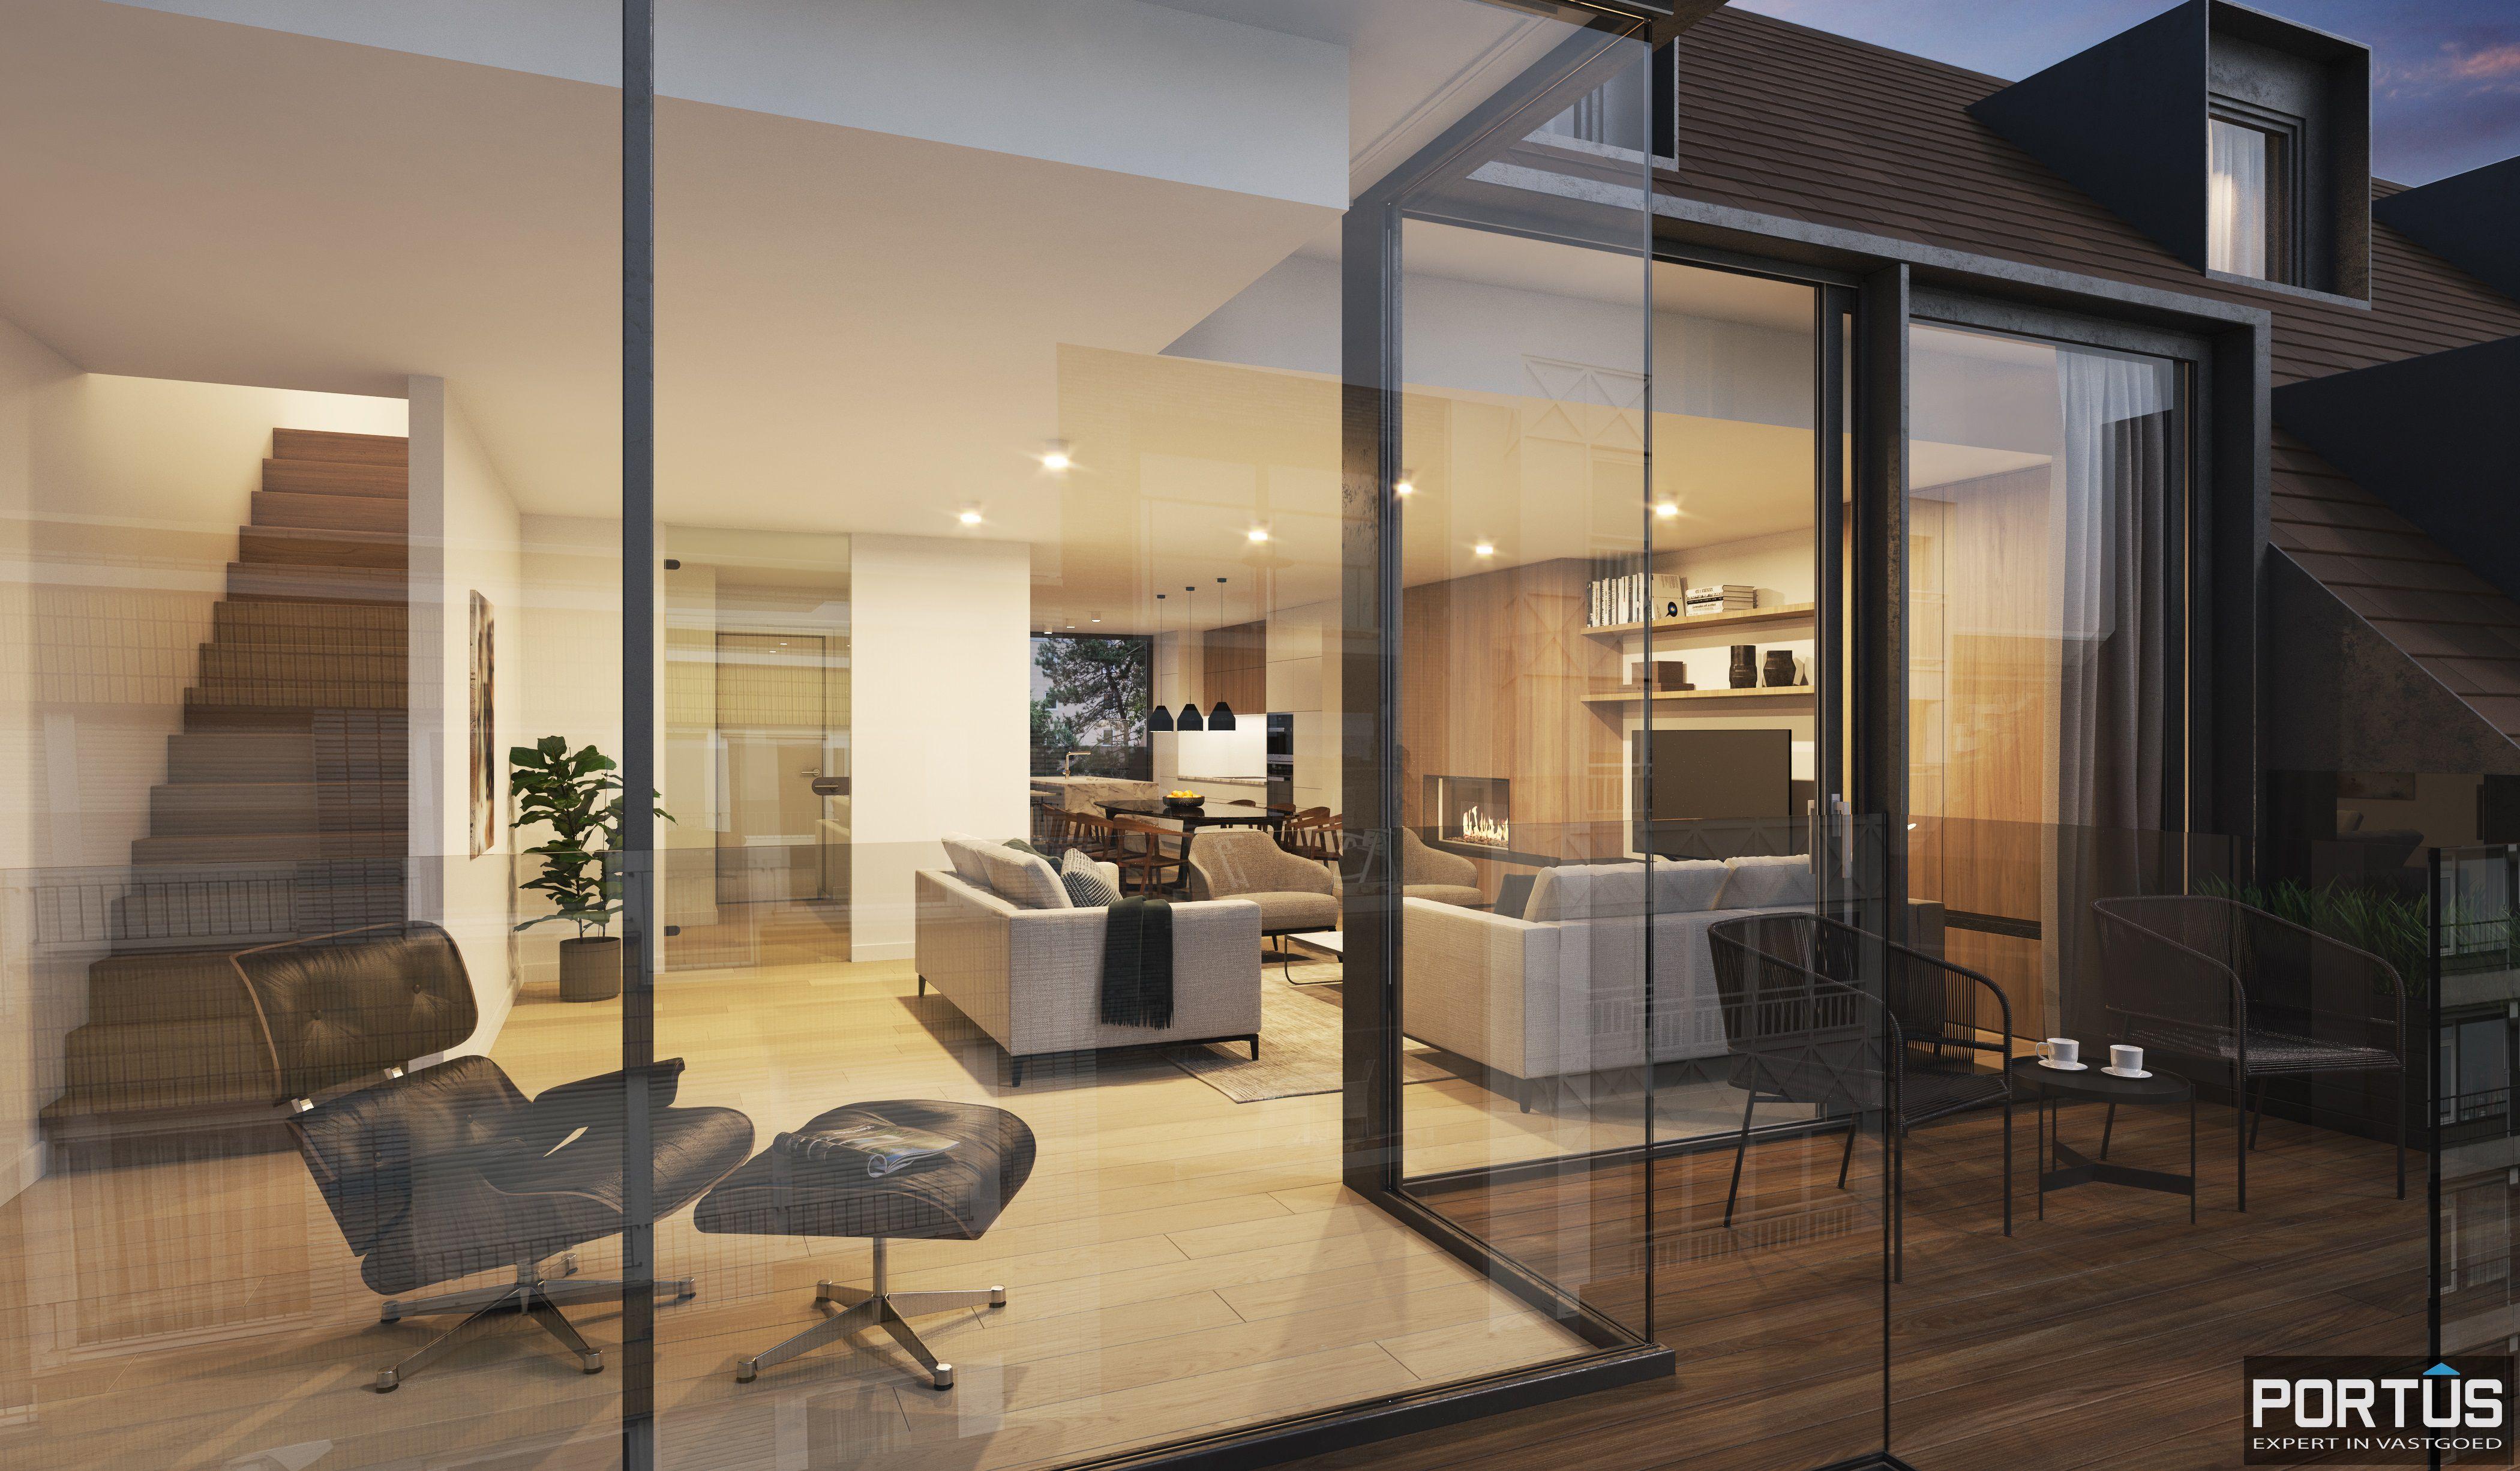 Appartement met 2 slaapkamers - 8856